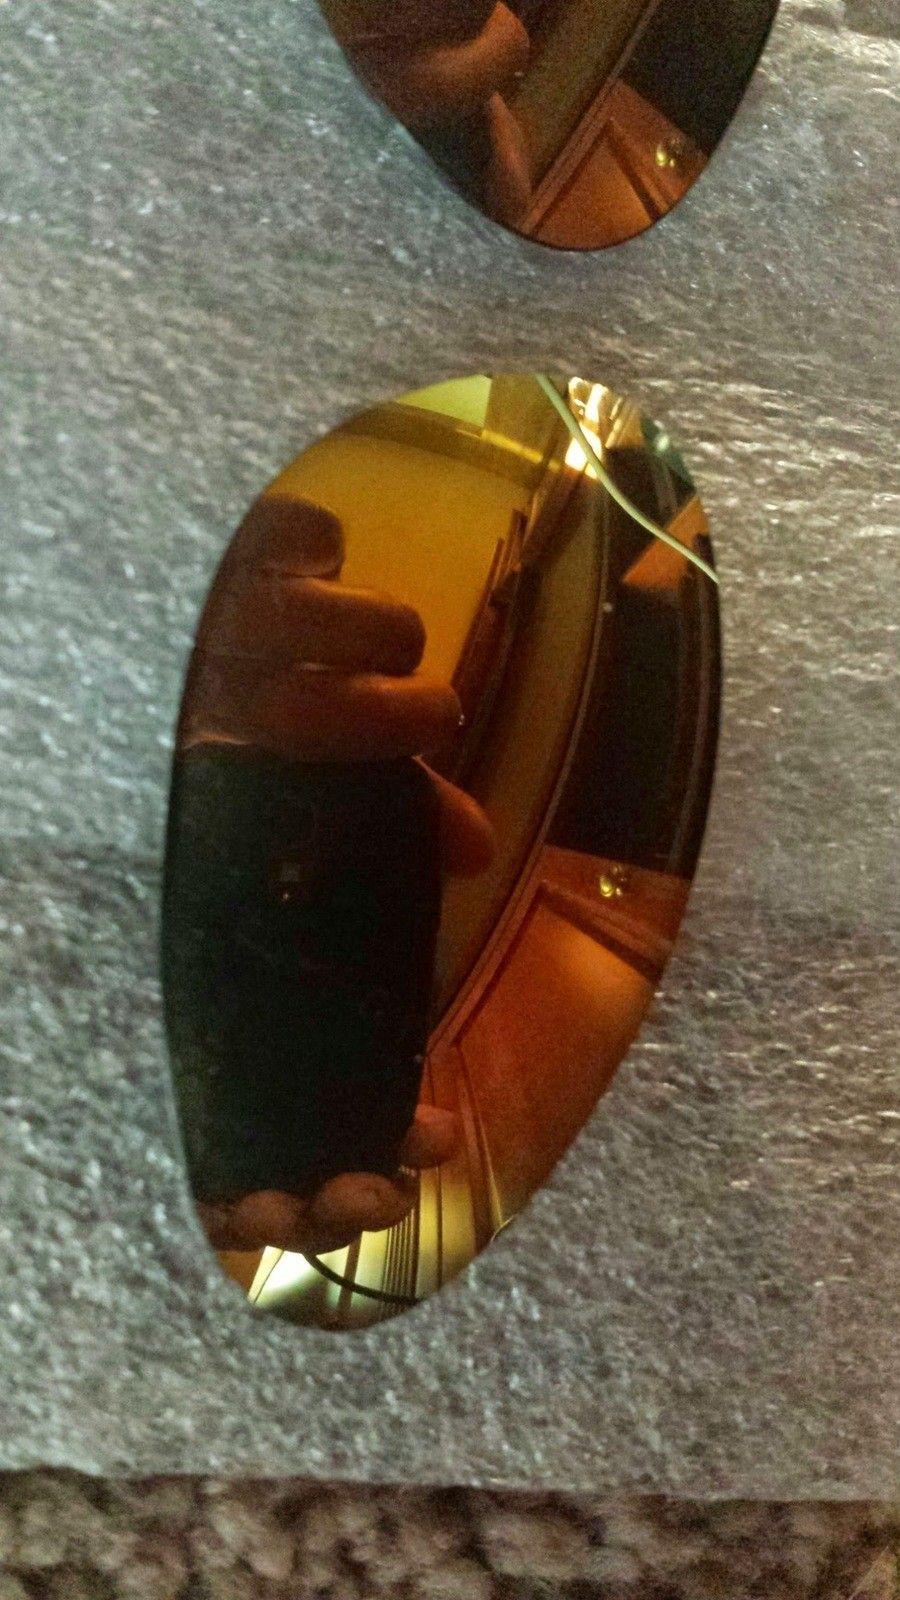 $OLD - New Custom 24K Polarized Penny Lenses - 20140417_185244.jpg